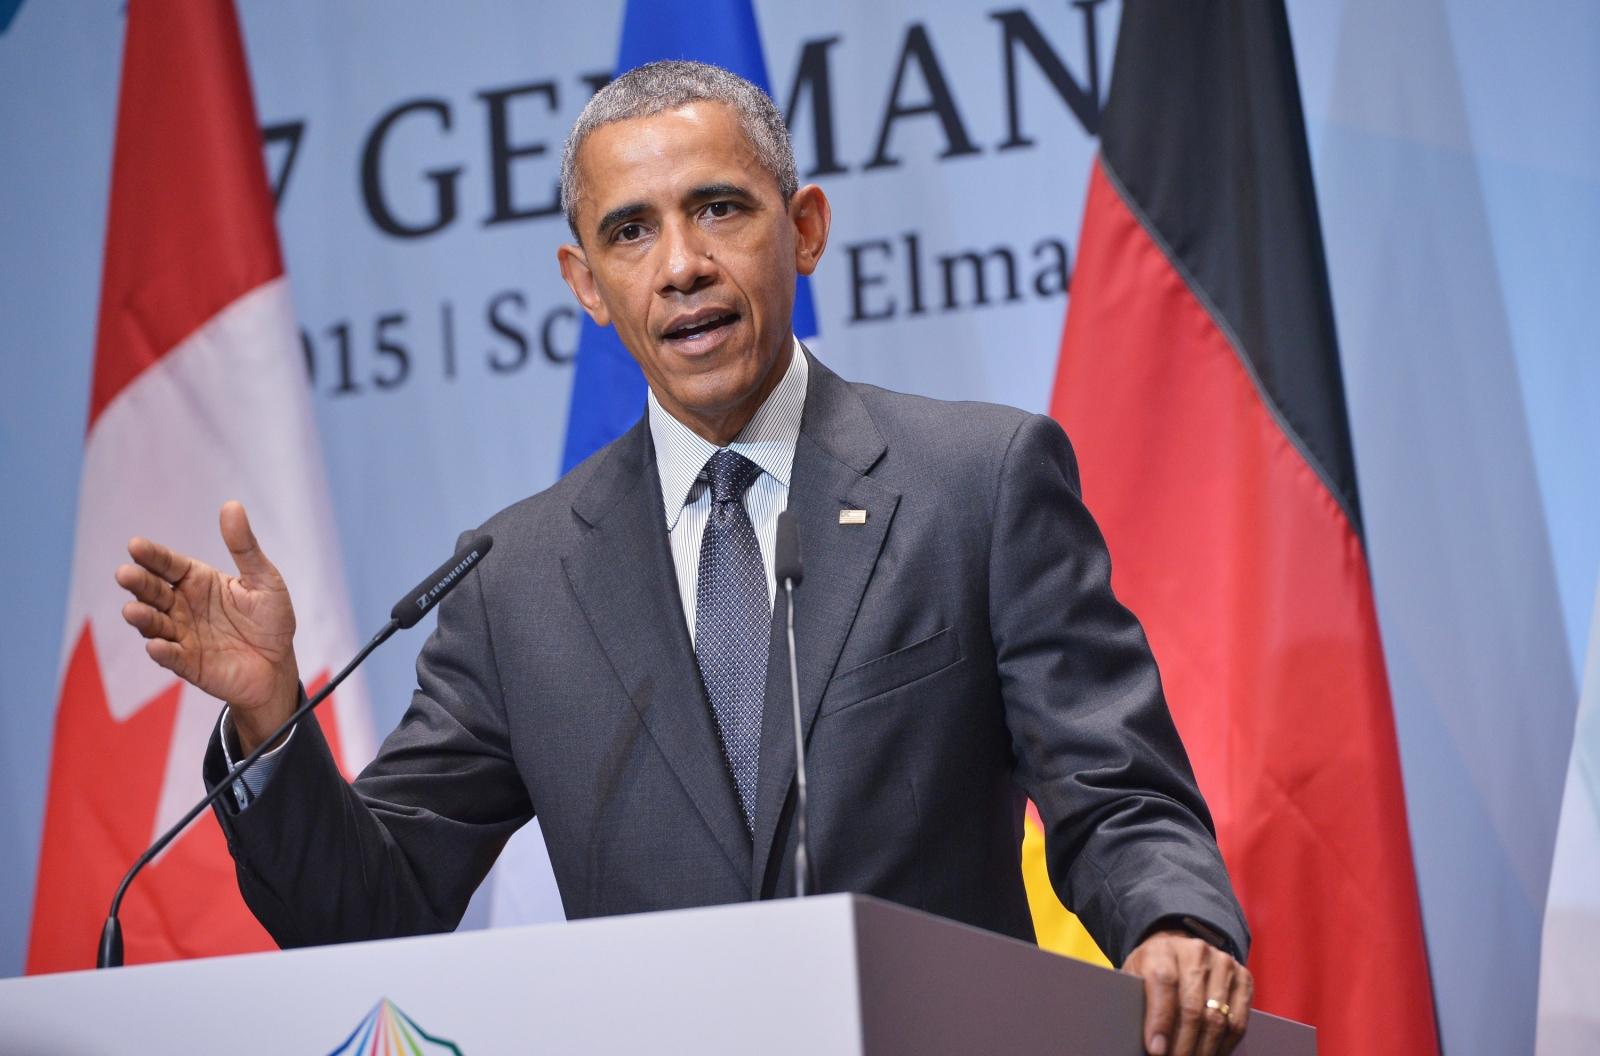 Barack Obama at the 2015 G7